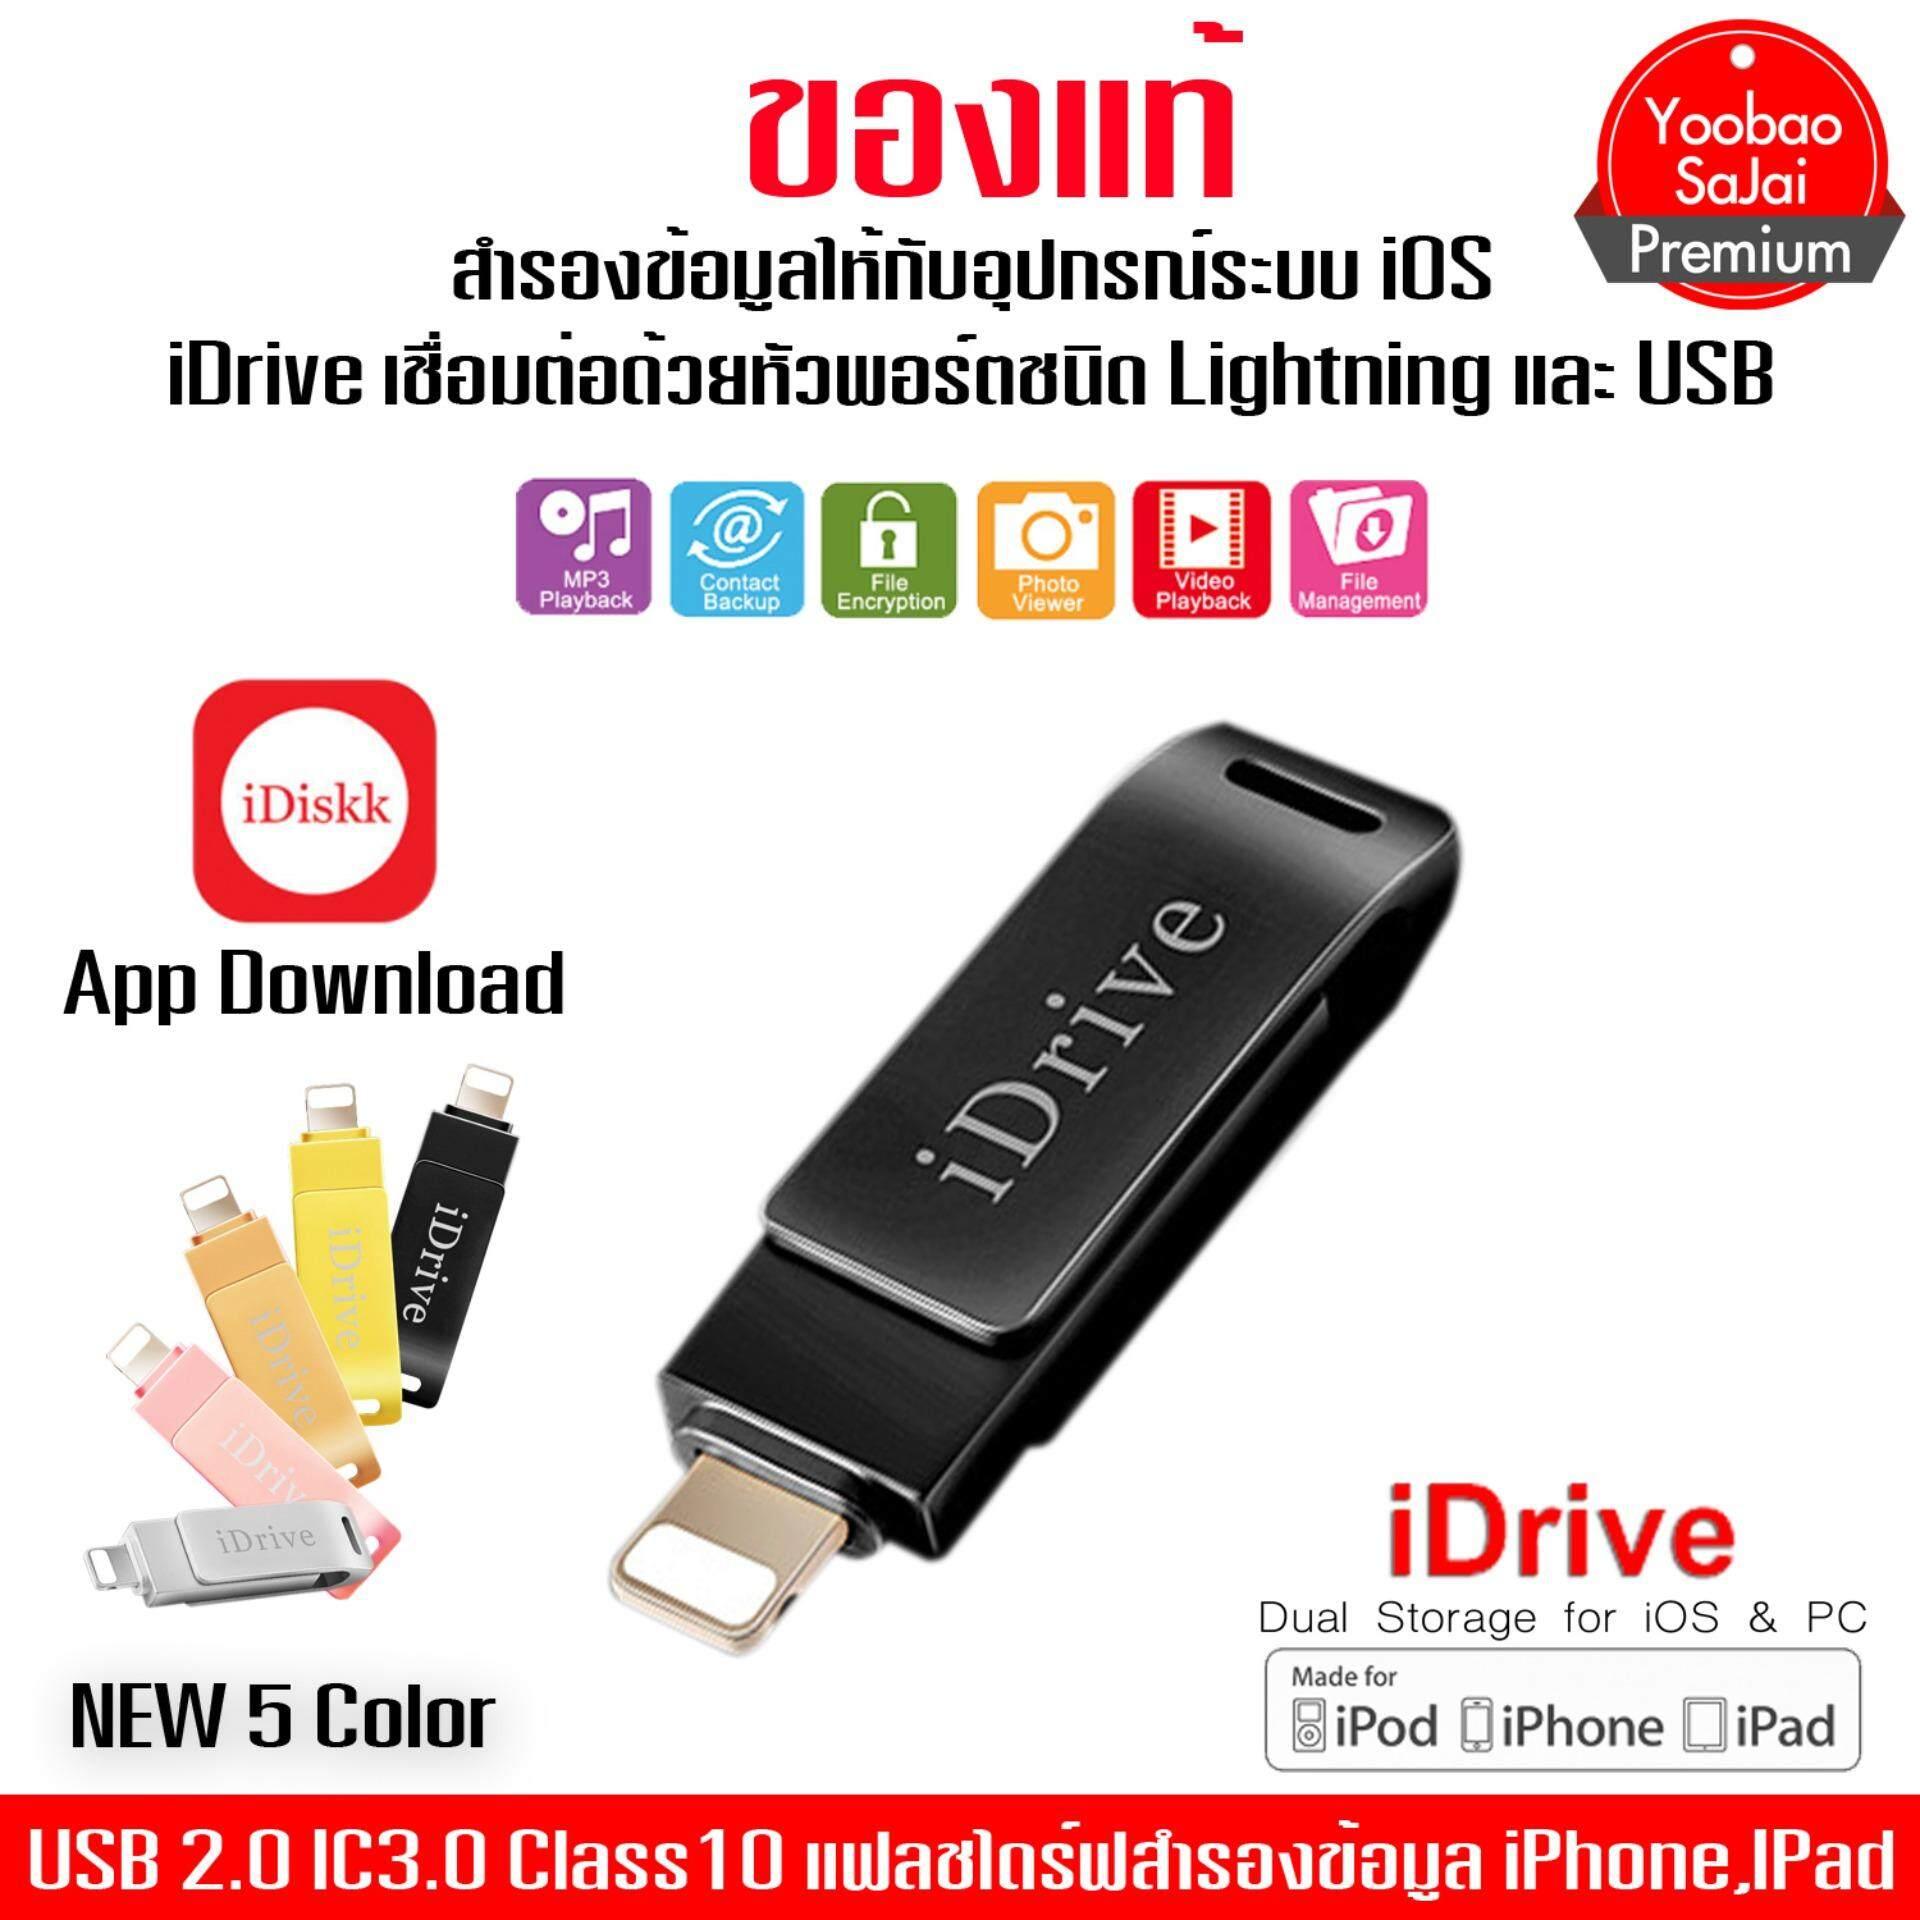 (ของแท้) Idrive Idiskk Pro 128gb Lx-811 5สี Usb 2.0 Ic3.0 Class10 แฟลชไดร์ฟสำรองข้อมูล Iphone,ipad.